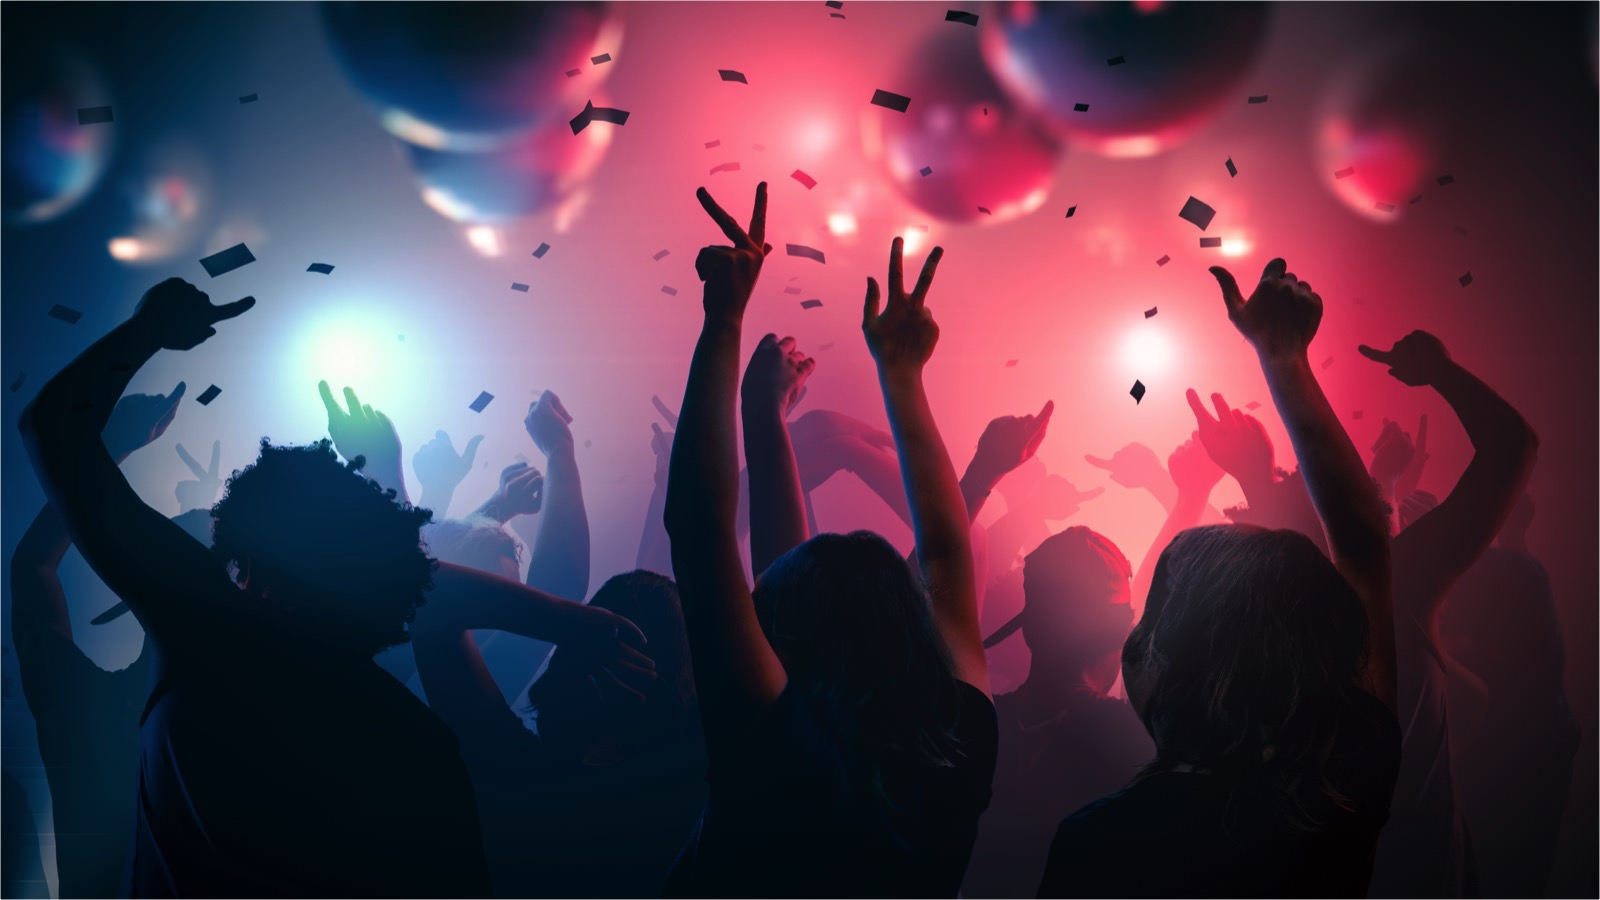 パーティーのイメージ図